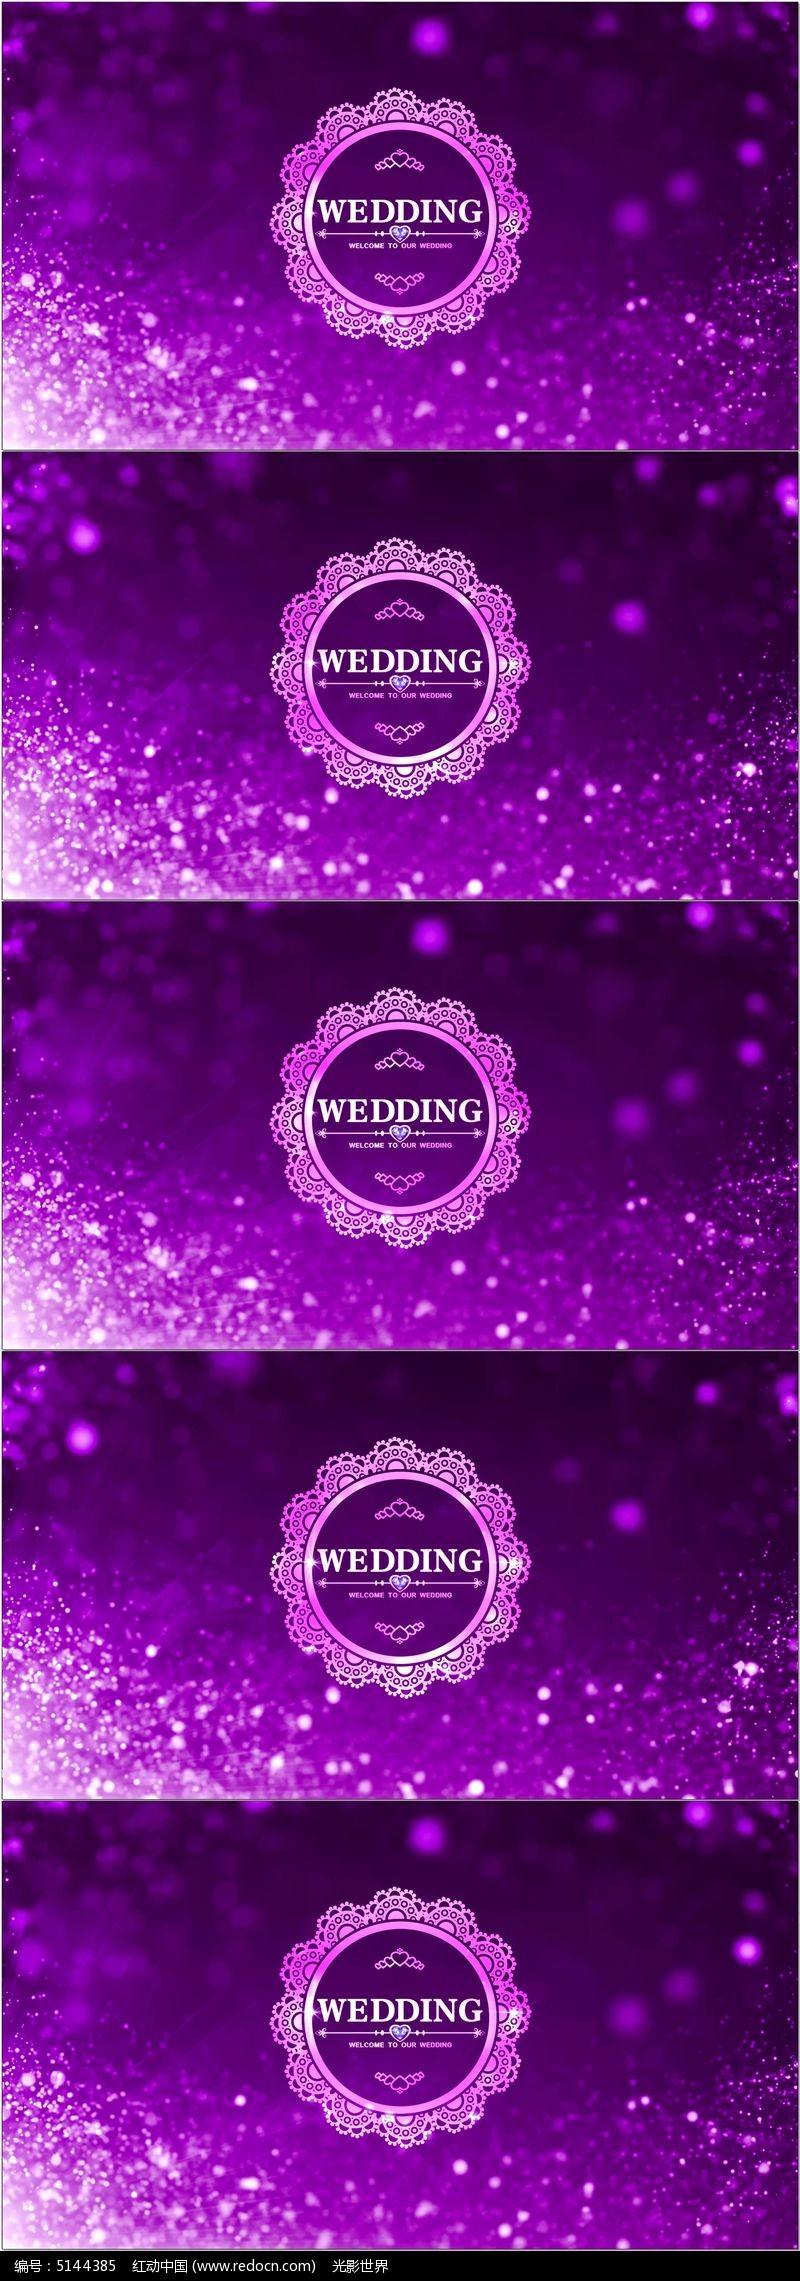 唯美粒子婚礼logo欧式花纹led舞台视频素材图片